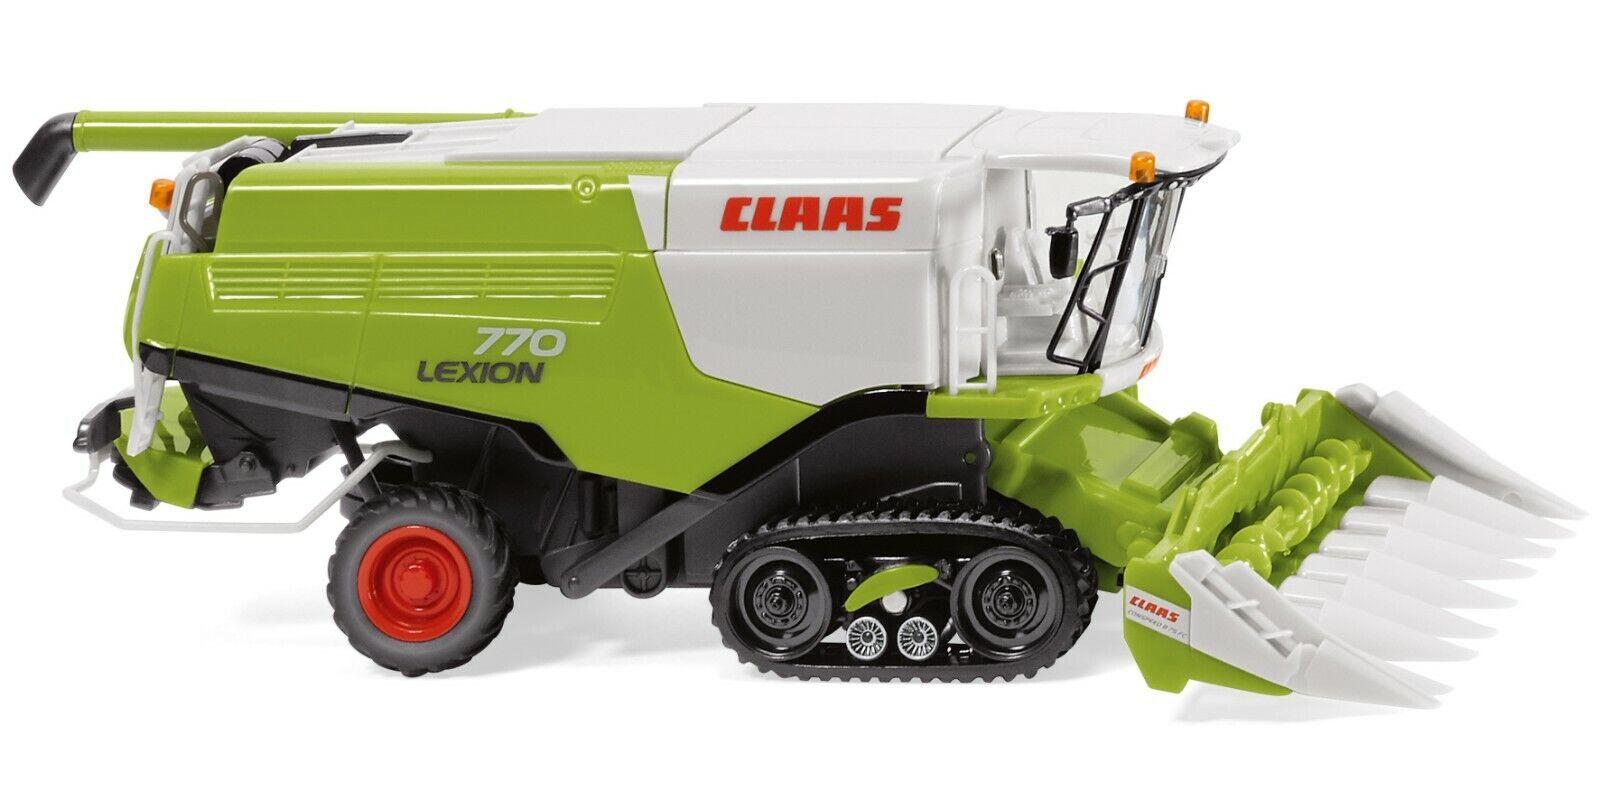 WIKING 0389 13 Claas Lexion 770 TT Mähdrescher mit Conspeed Maisvorsatz Neu 0219